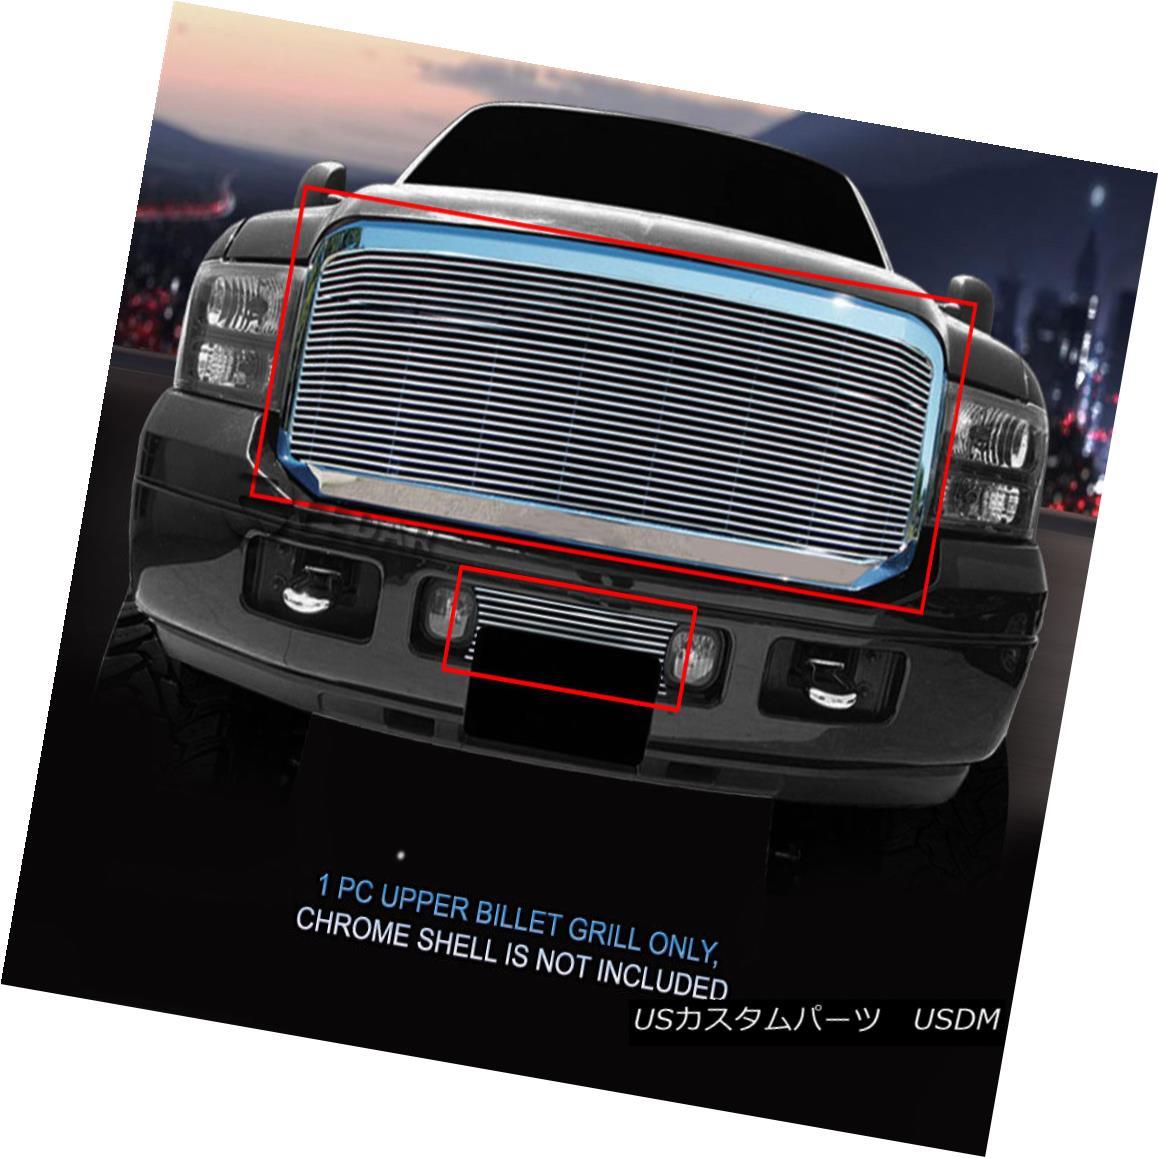 グリル Fits 05-07 Ford F-250/F-350/F-450/F-550/Excursion Polished Upper Billet Grille フィット05-07 Ford F-250 / F-350 / F- 450 / F-550 / Excu rsionポリッシュアッパービレットグリル